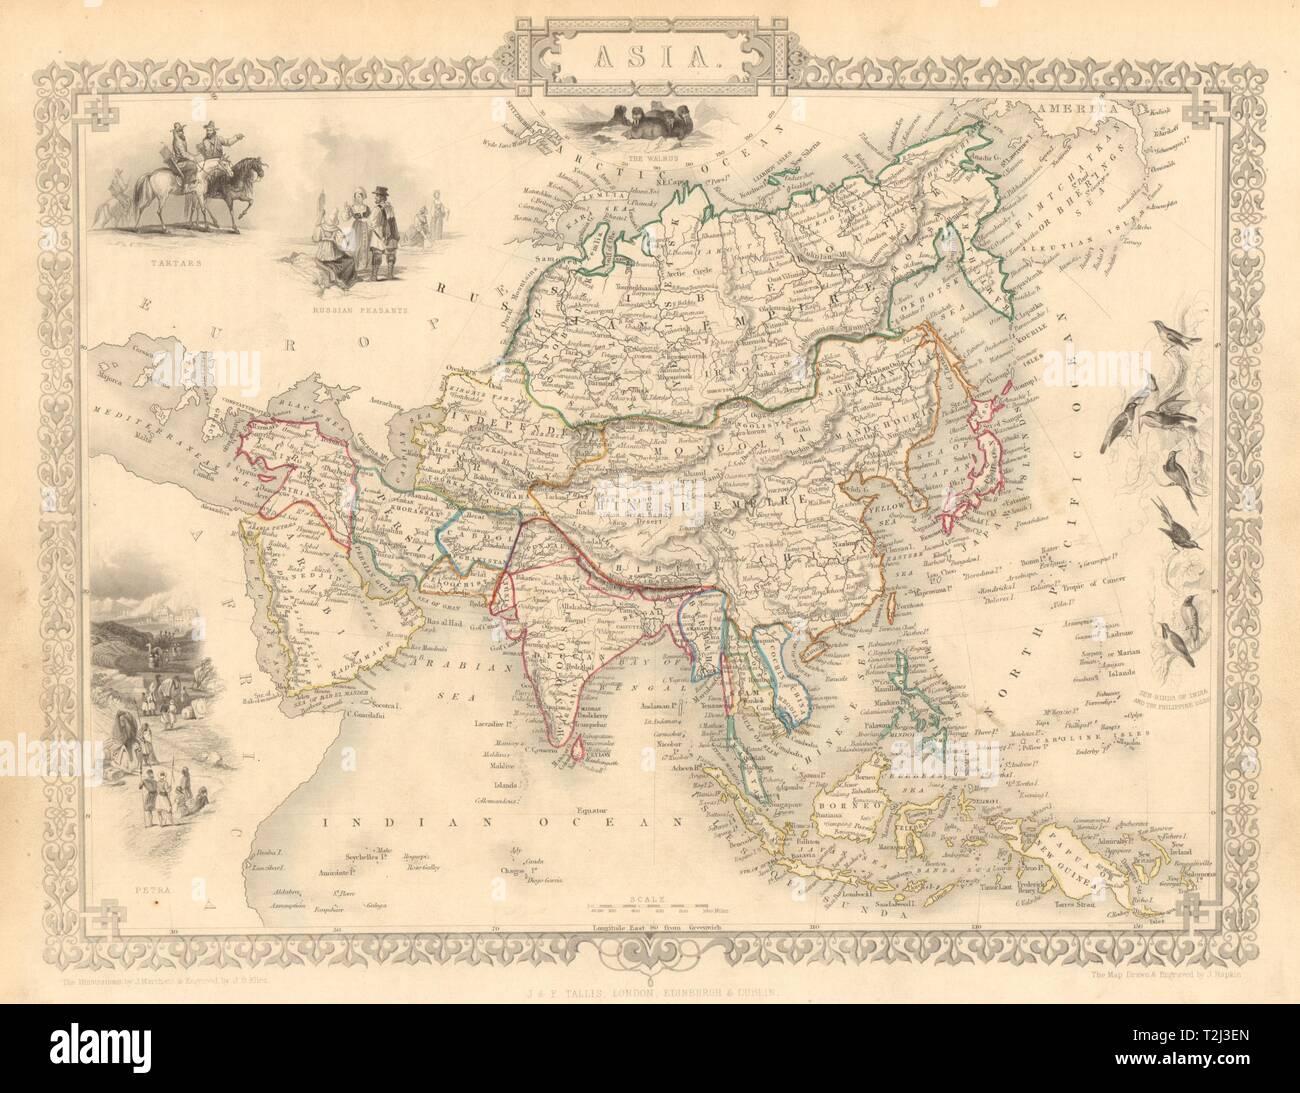 MAP OF YORK 1851 BY JOHN TALLIS